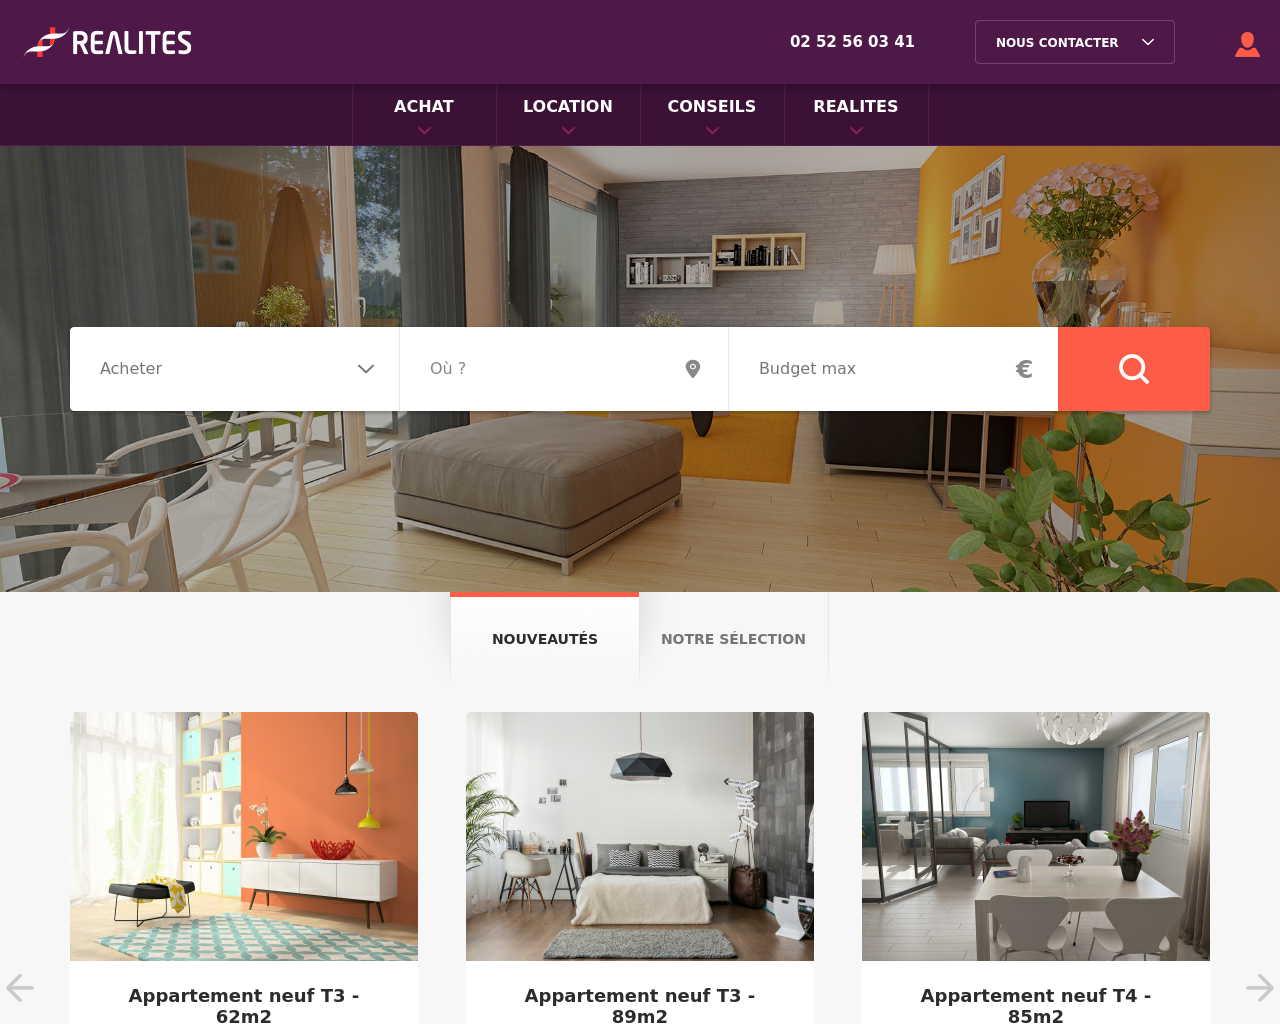 Acheter son futur logement sans avoir vendu l 39 ancien c for Logement acheter